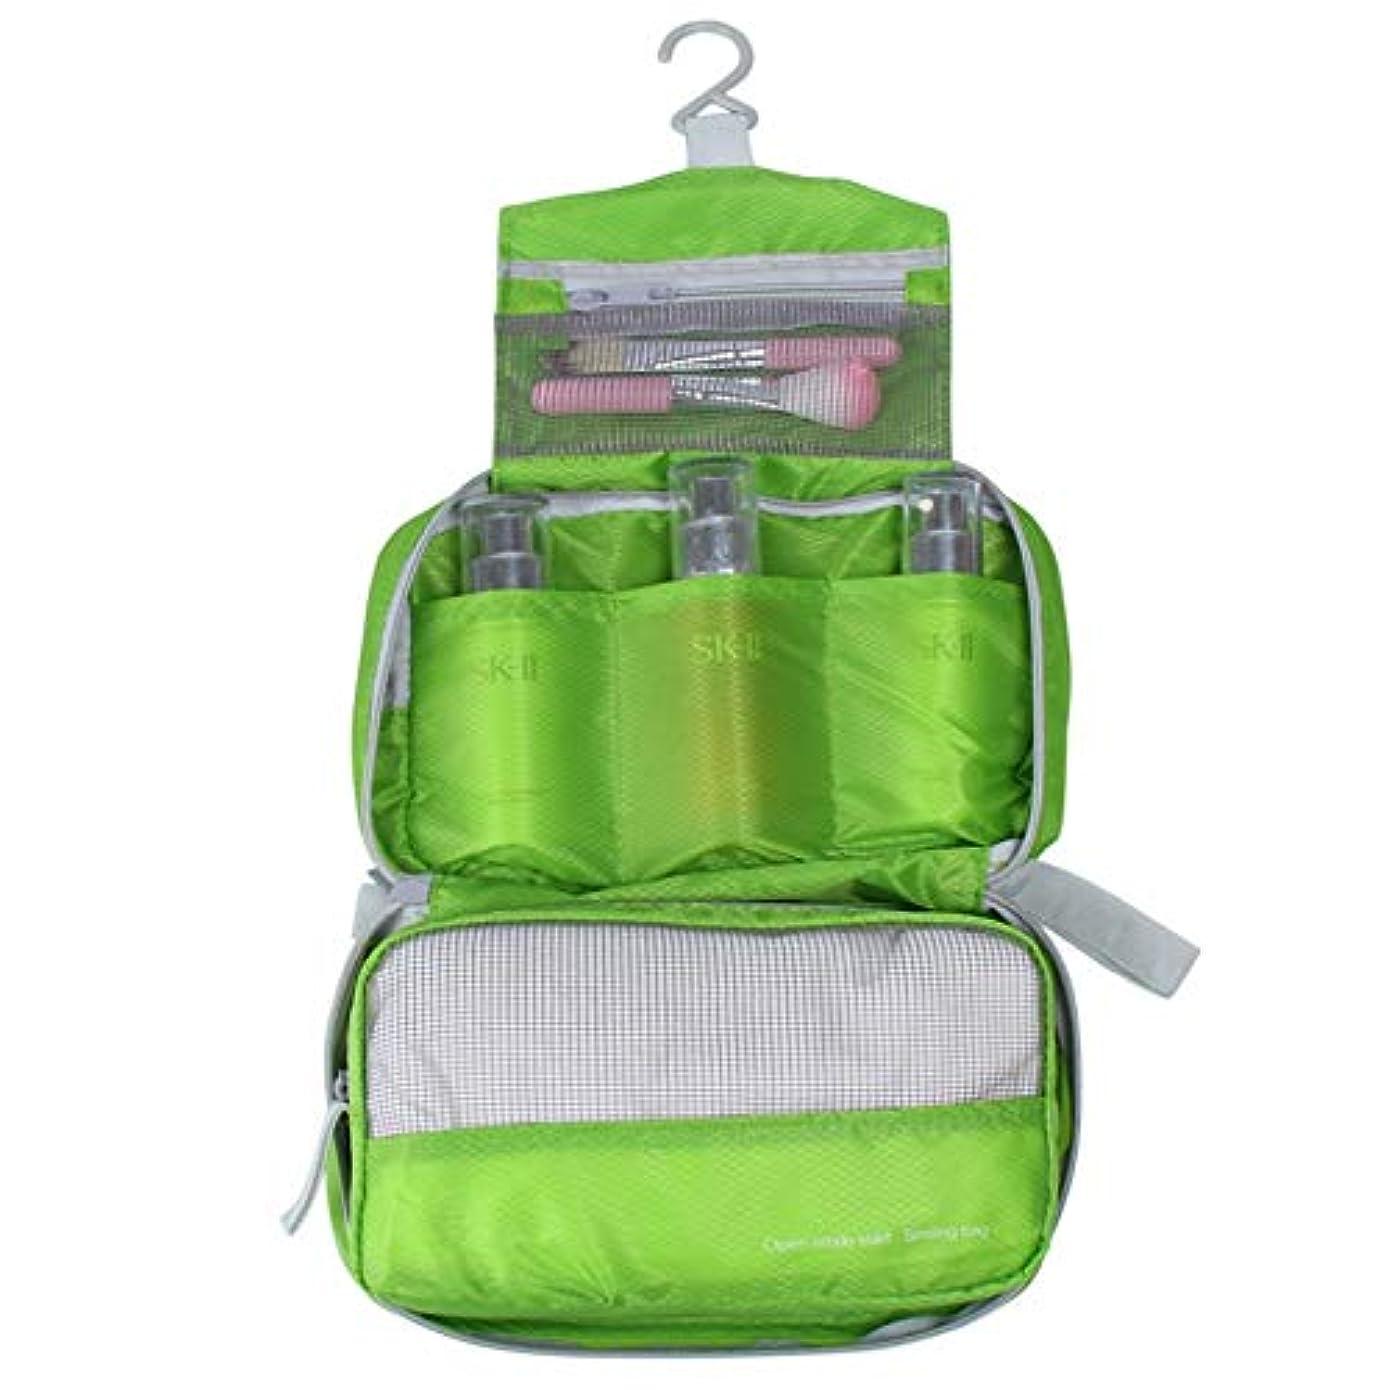 副産物高原不当化粧オーガナイザーバッグ 化粧品のバッグは、防水、ハンガー、旅行メッシュとジップコンパートメントのウォッシュバッグです。 化粧品ケース (色 : 緑)